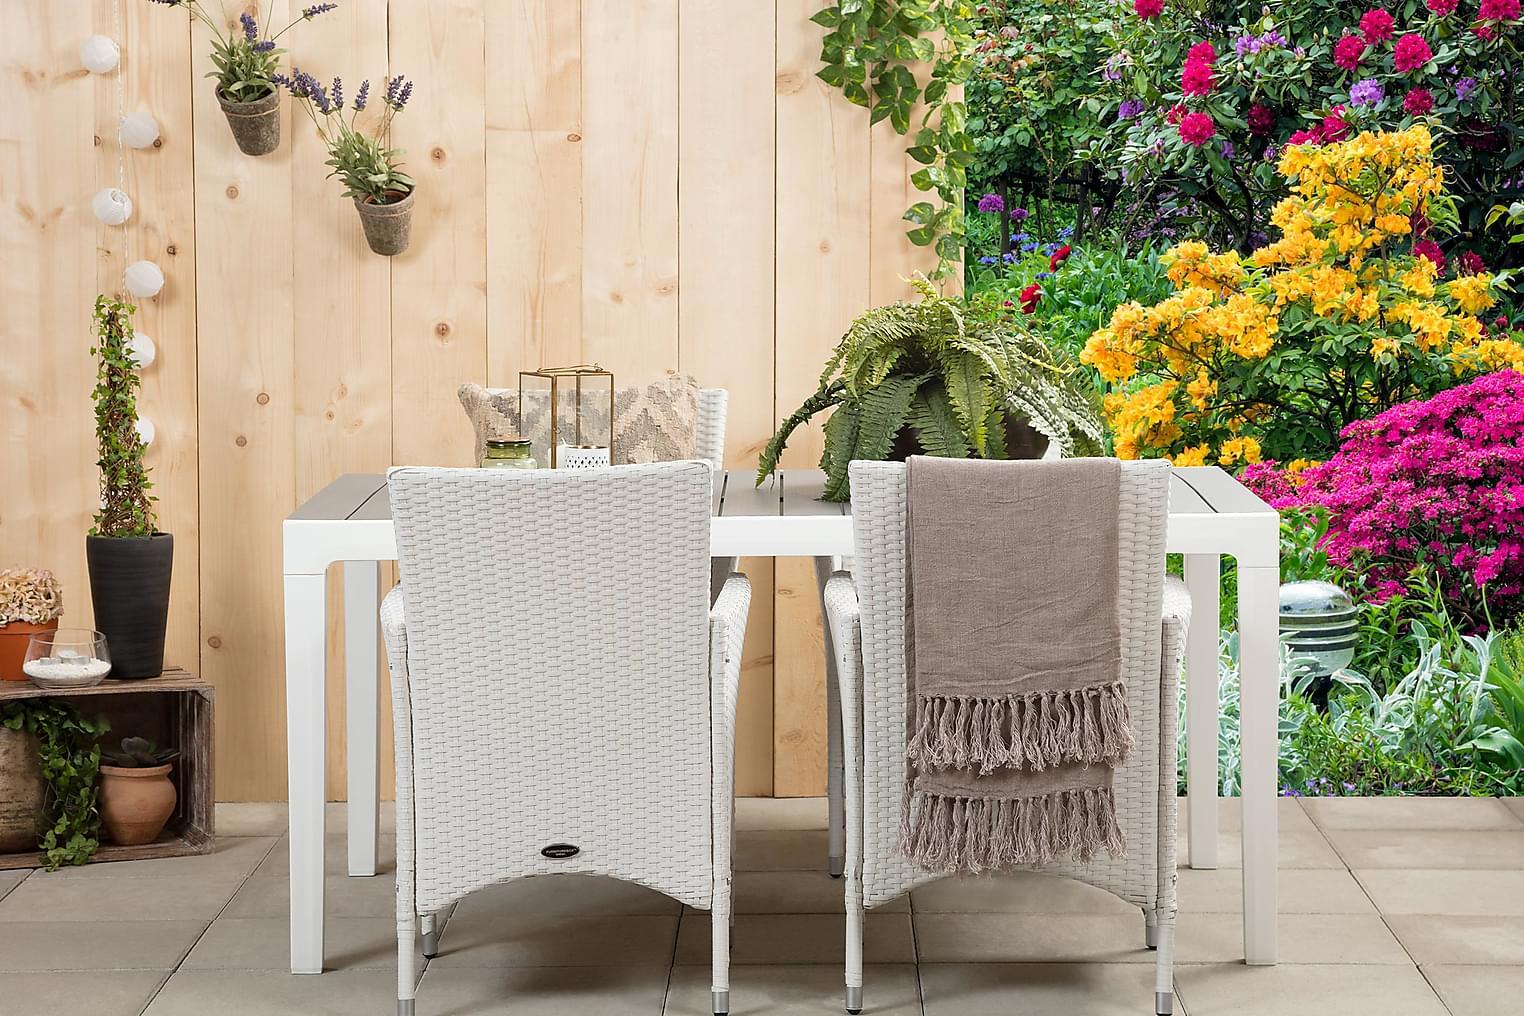 BILBAO Pöytä 160 + 4 ARUBA Käsinojallista tuolia Valkoinen/H